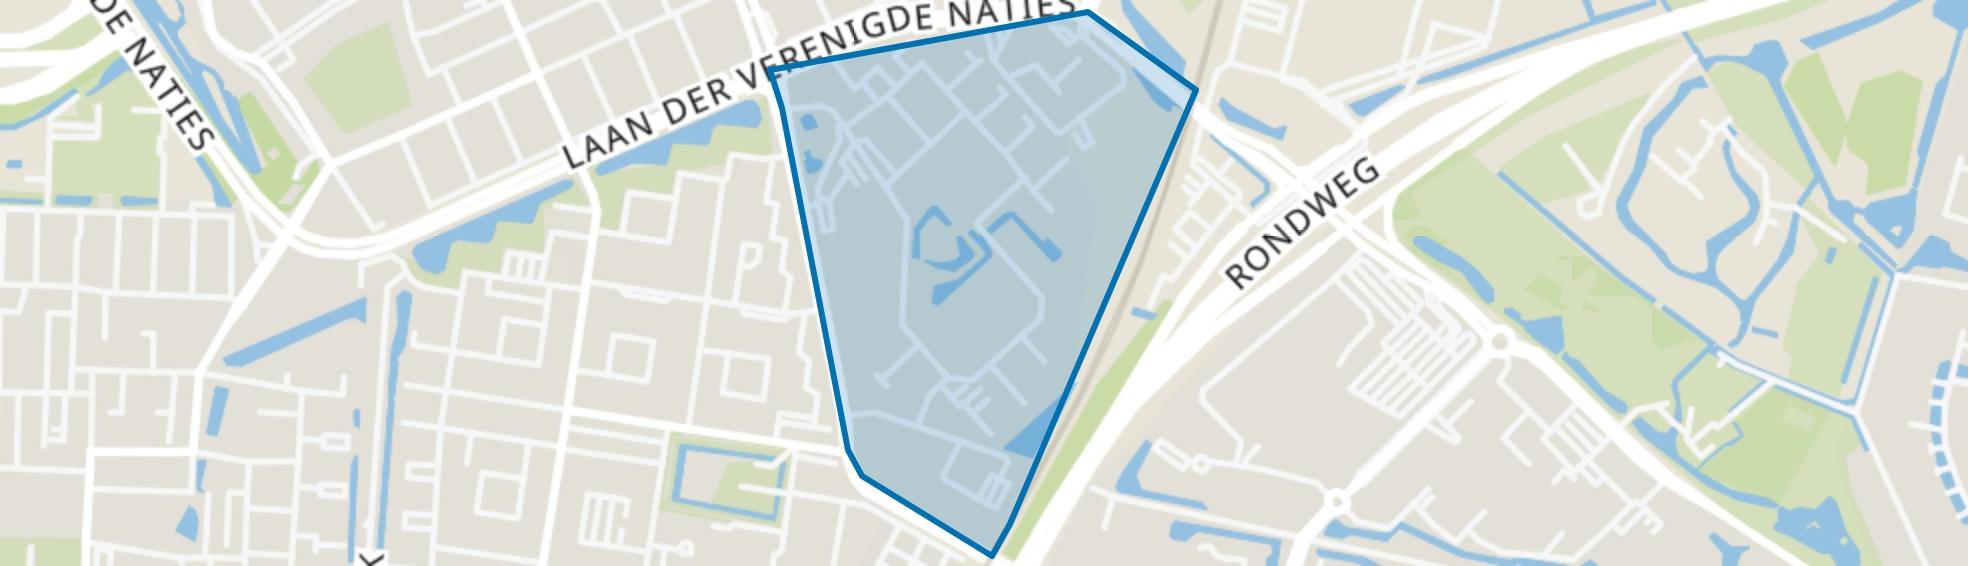 Zuidhoven, Dordrecht map